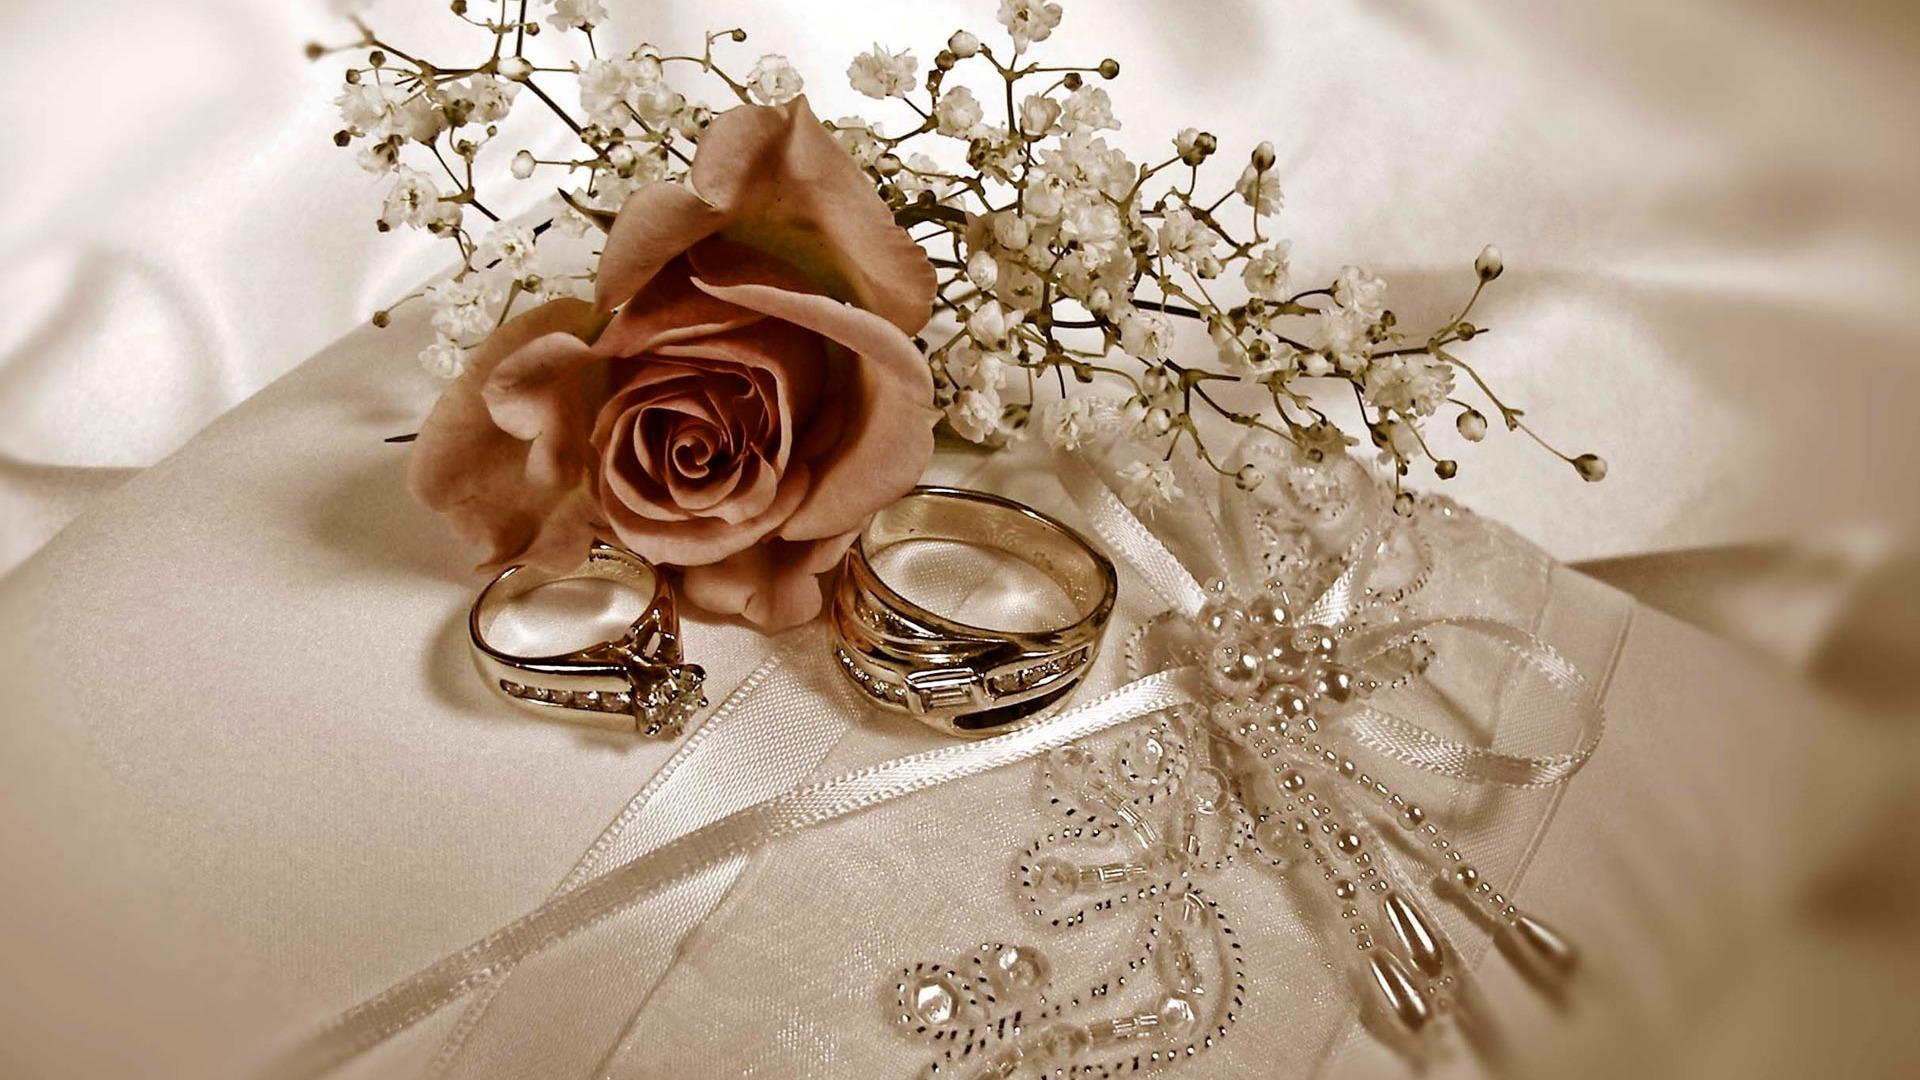 Mariage Fond D écran Hd Télécharger: Mariage Et Papier Peint Anneau De Mariage (1) #13